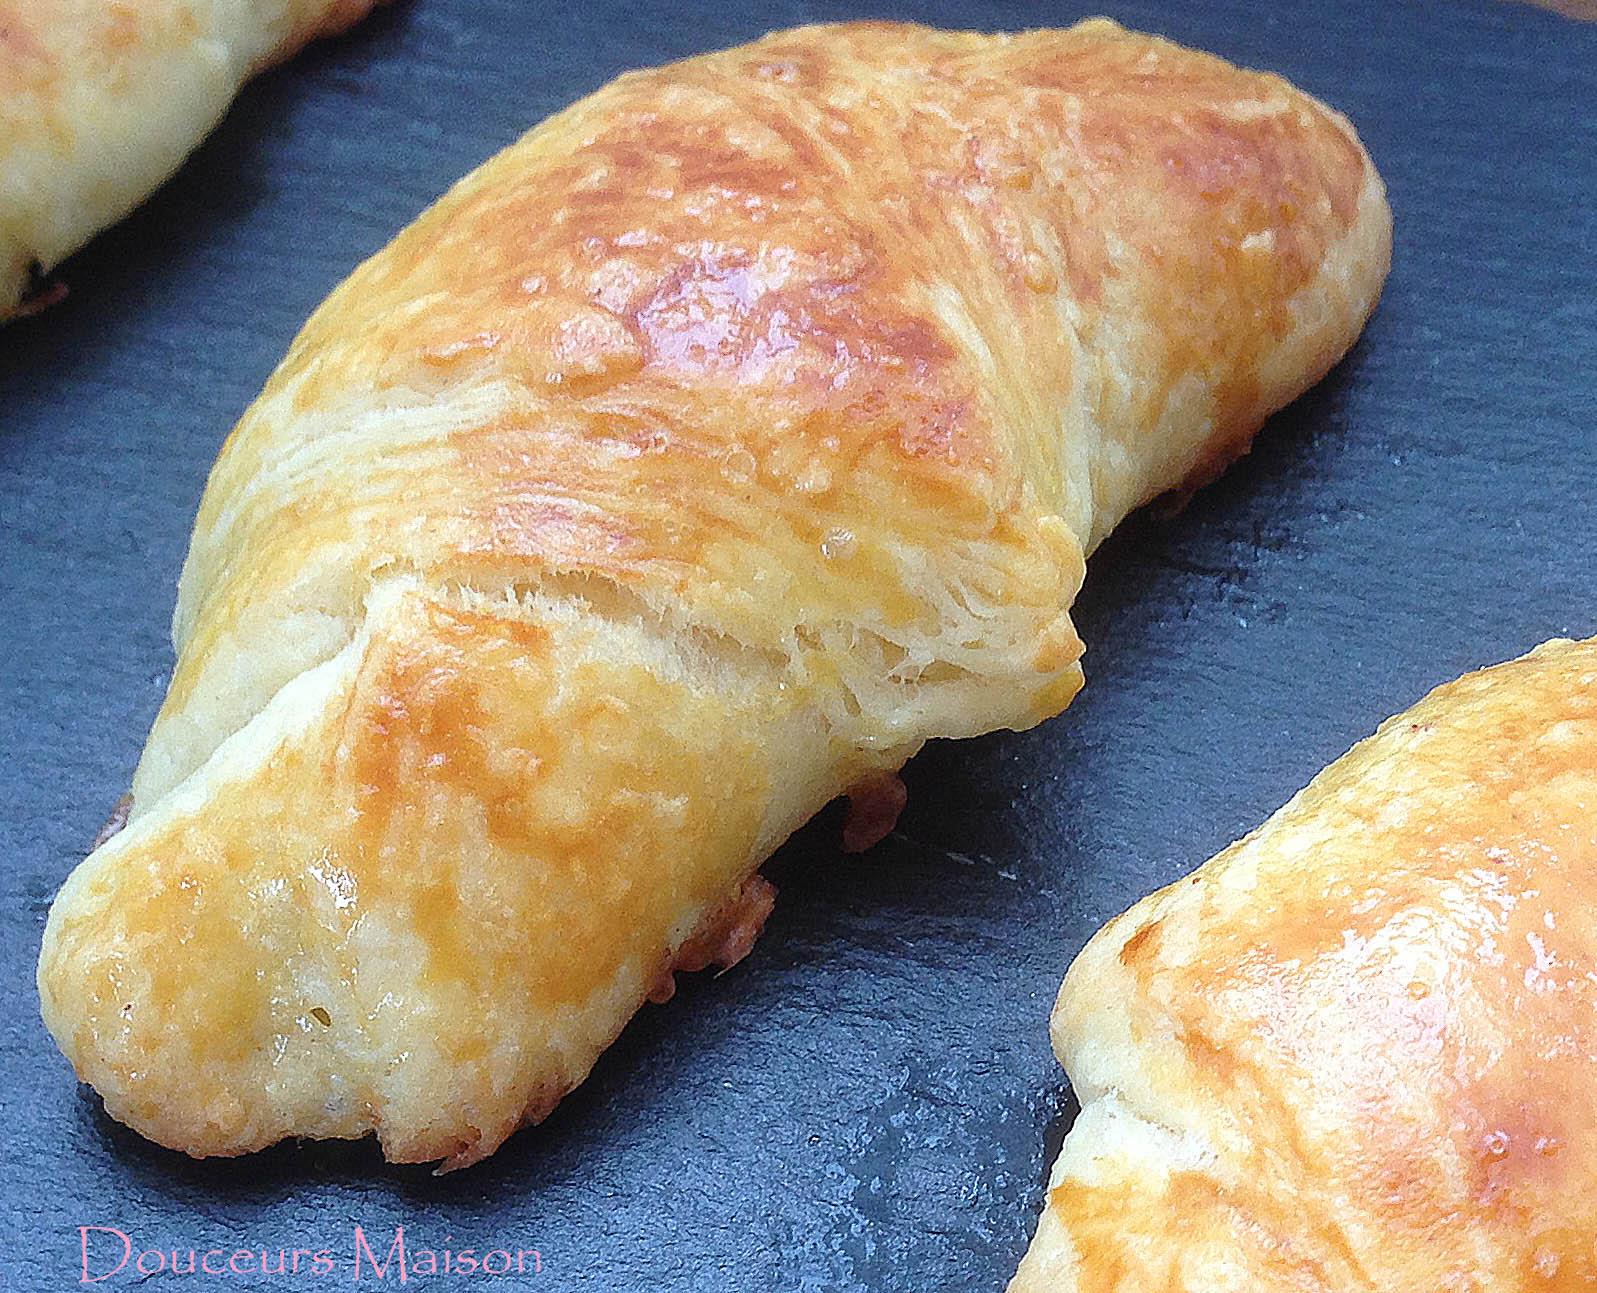 pains au chocolat croissants douceurs maison